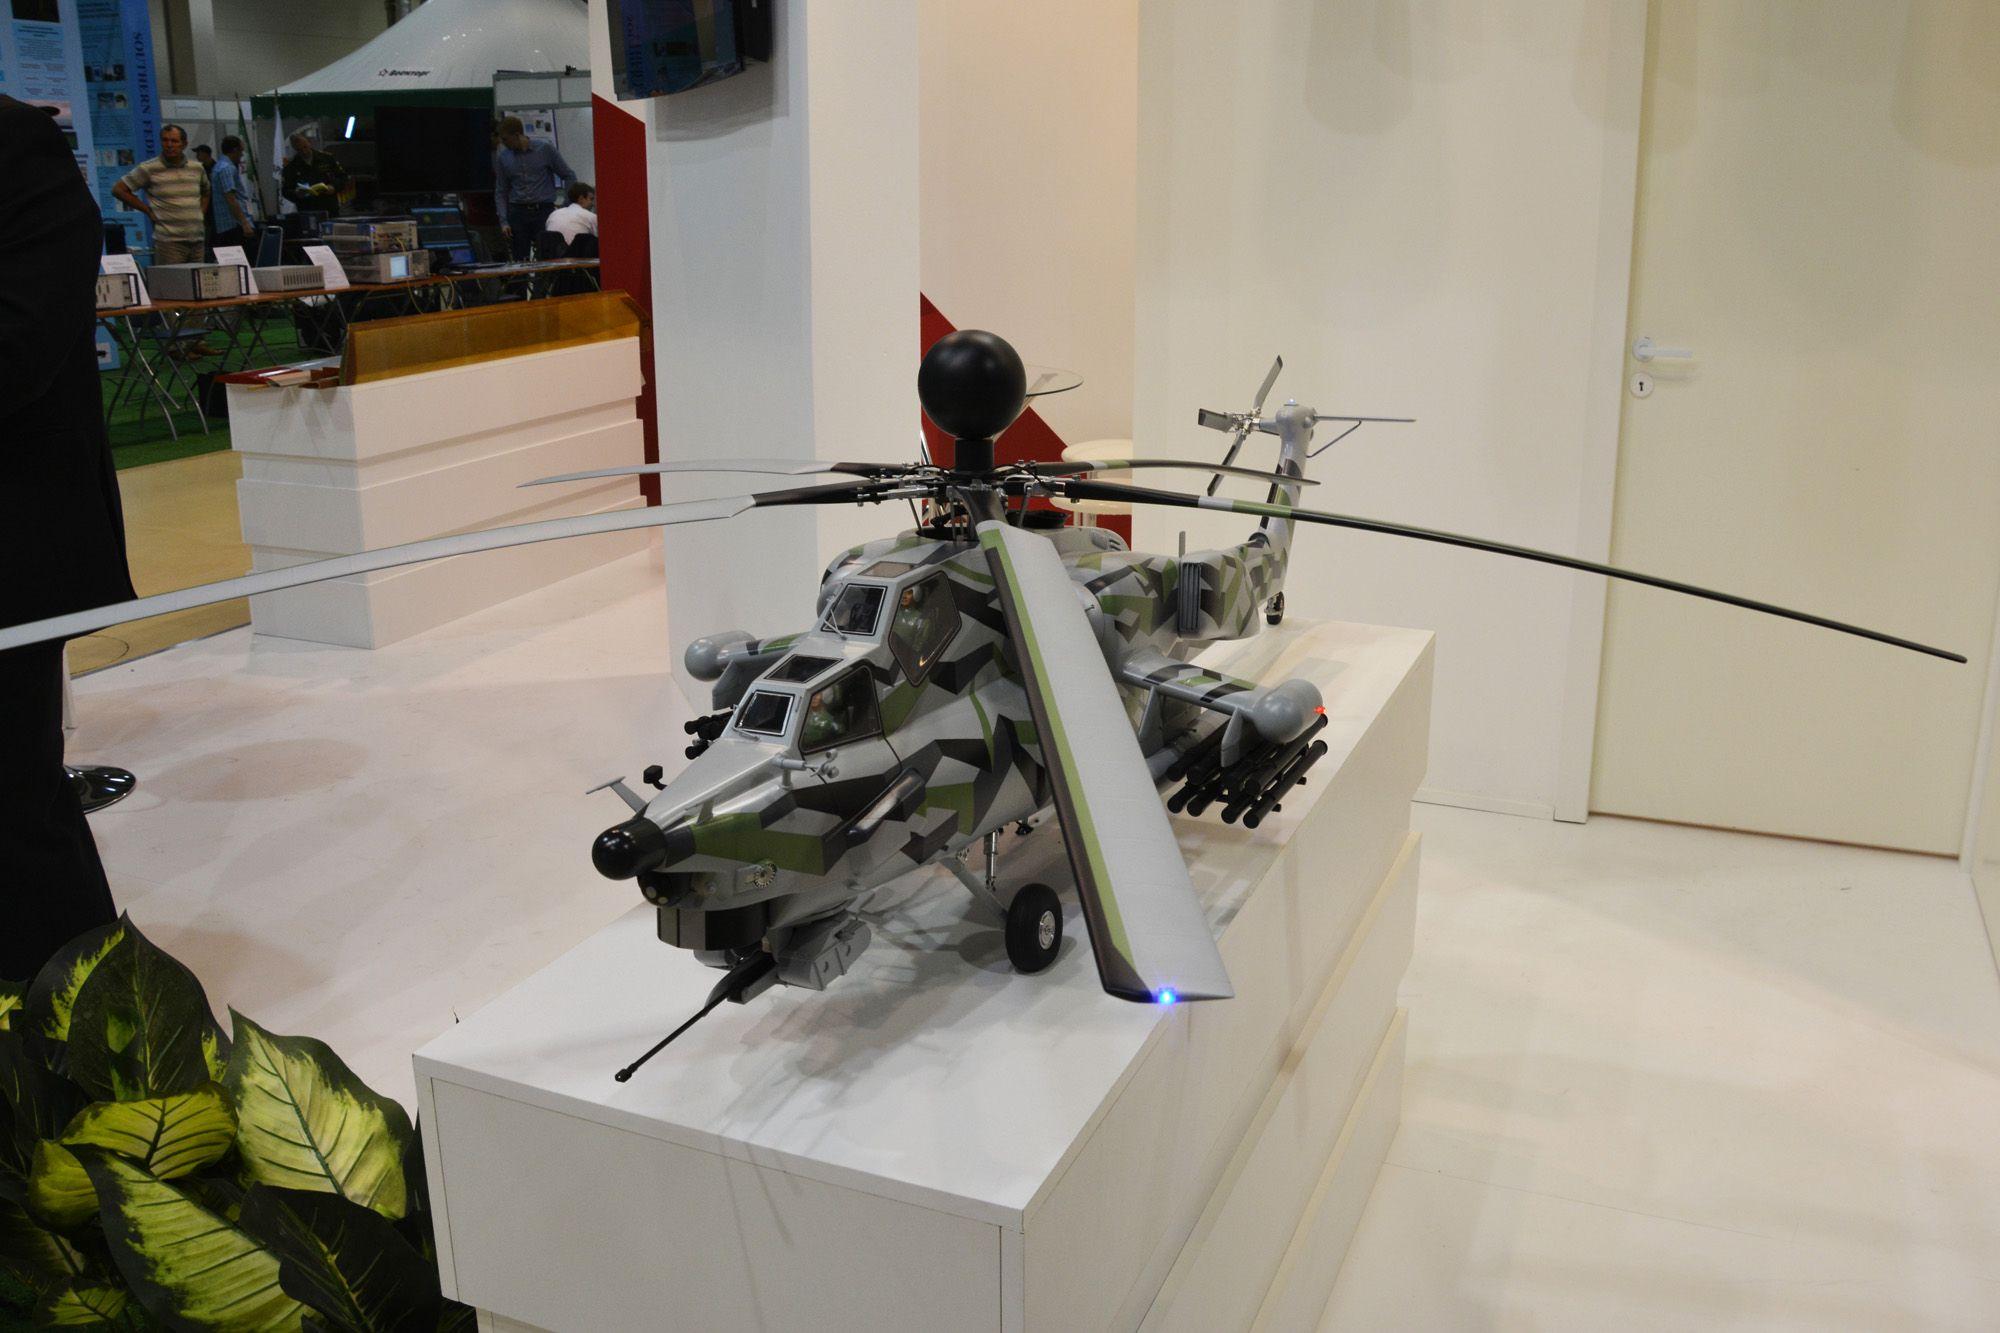 제작사에서 내보낸 Mi-28 모델